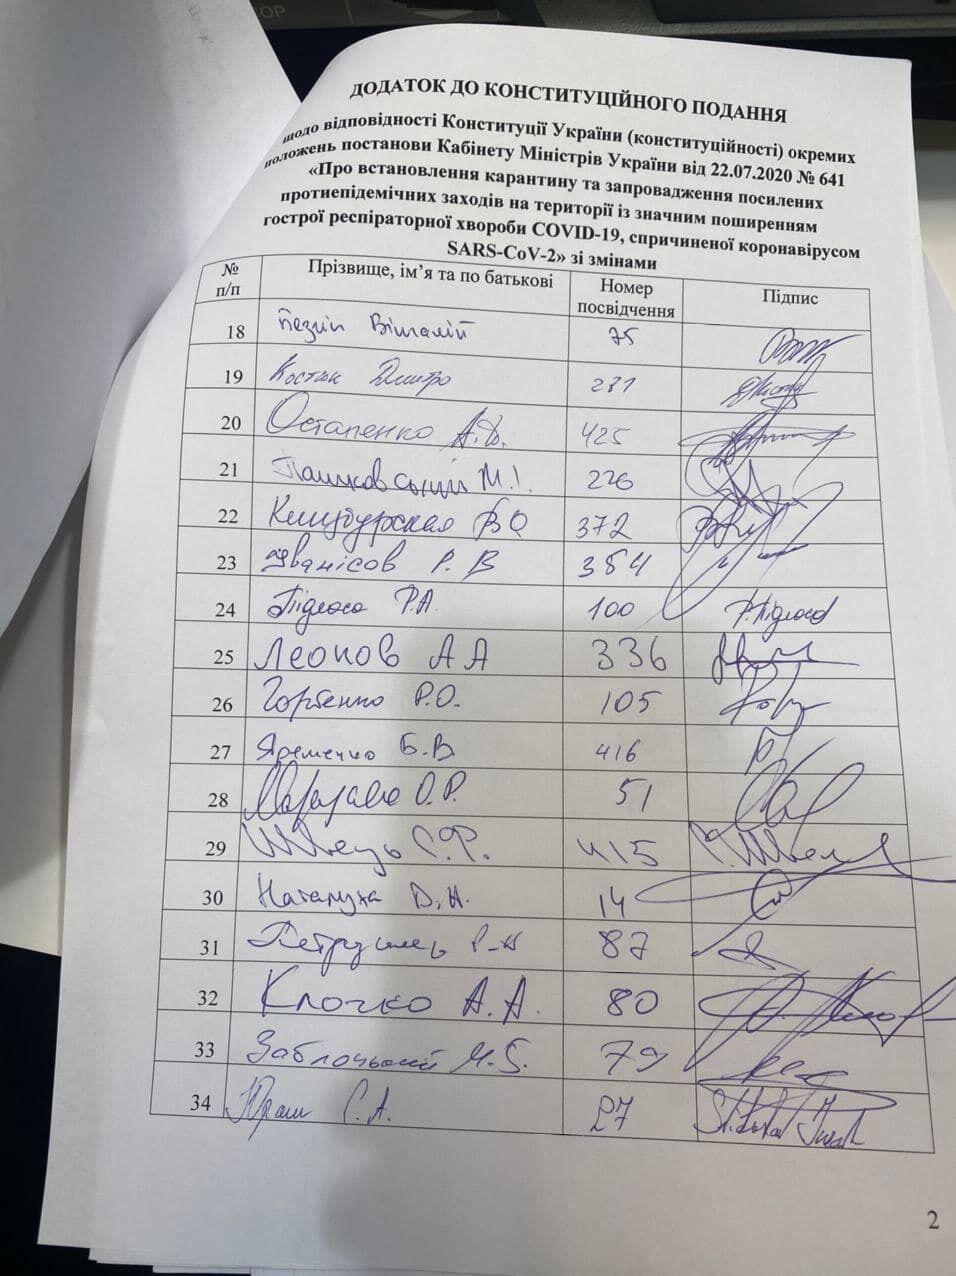 Представление подписали 45 депутатов ВР